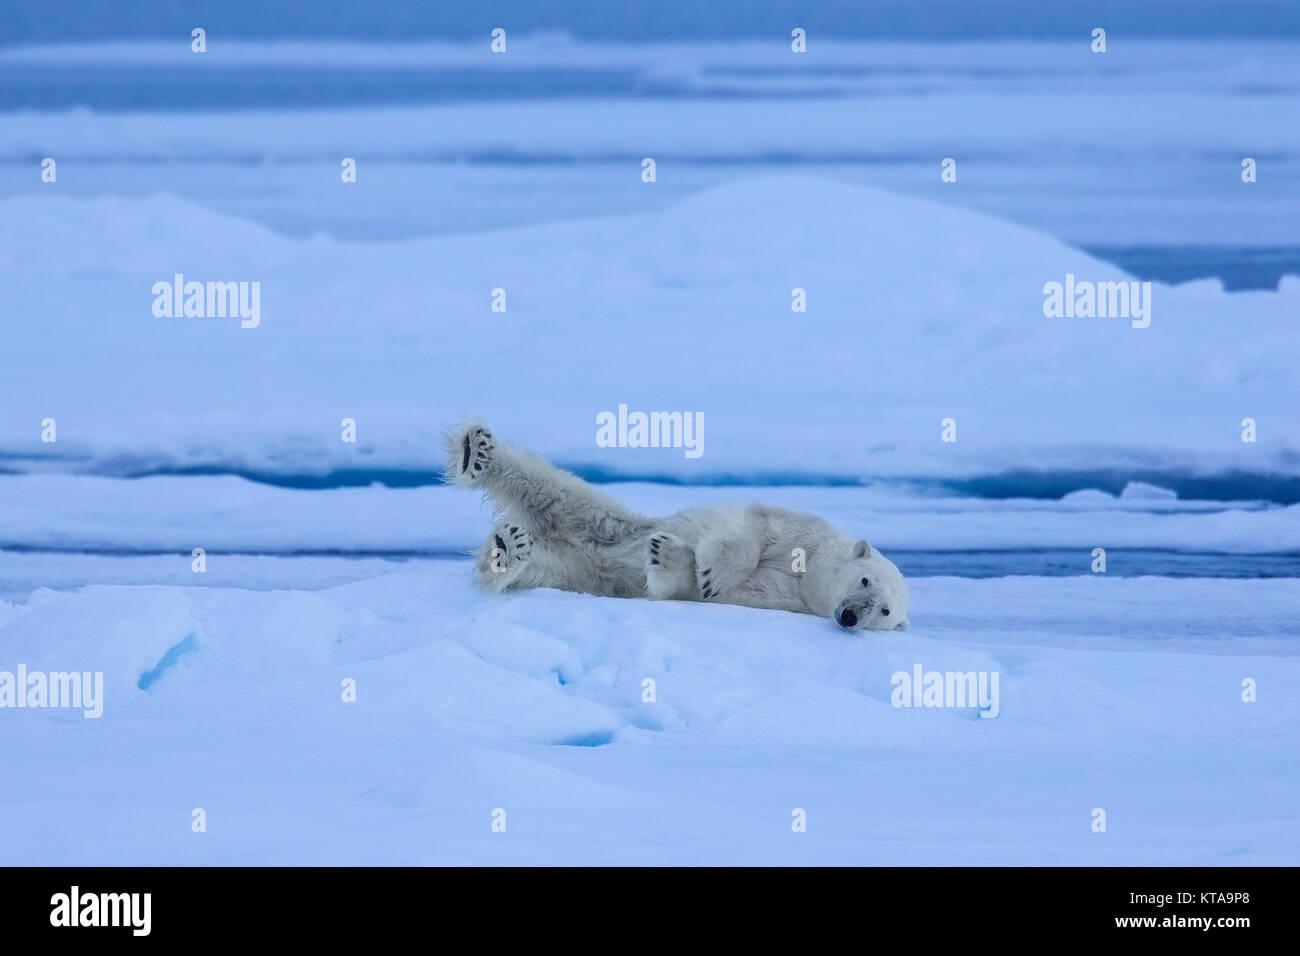 Solitary polar bear (Ursus maritimus / Thalarctos maritimus) resting on ice floe in Arctic ocean - Stock Image